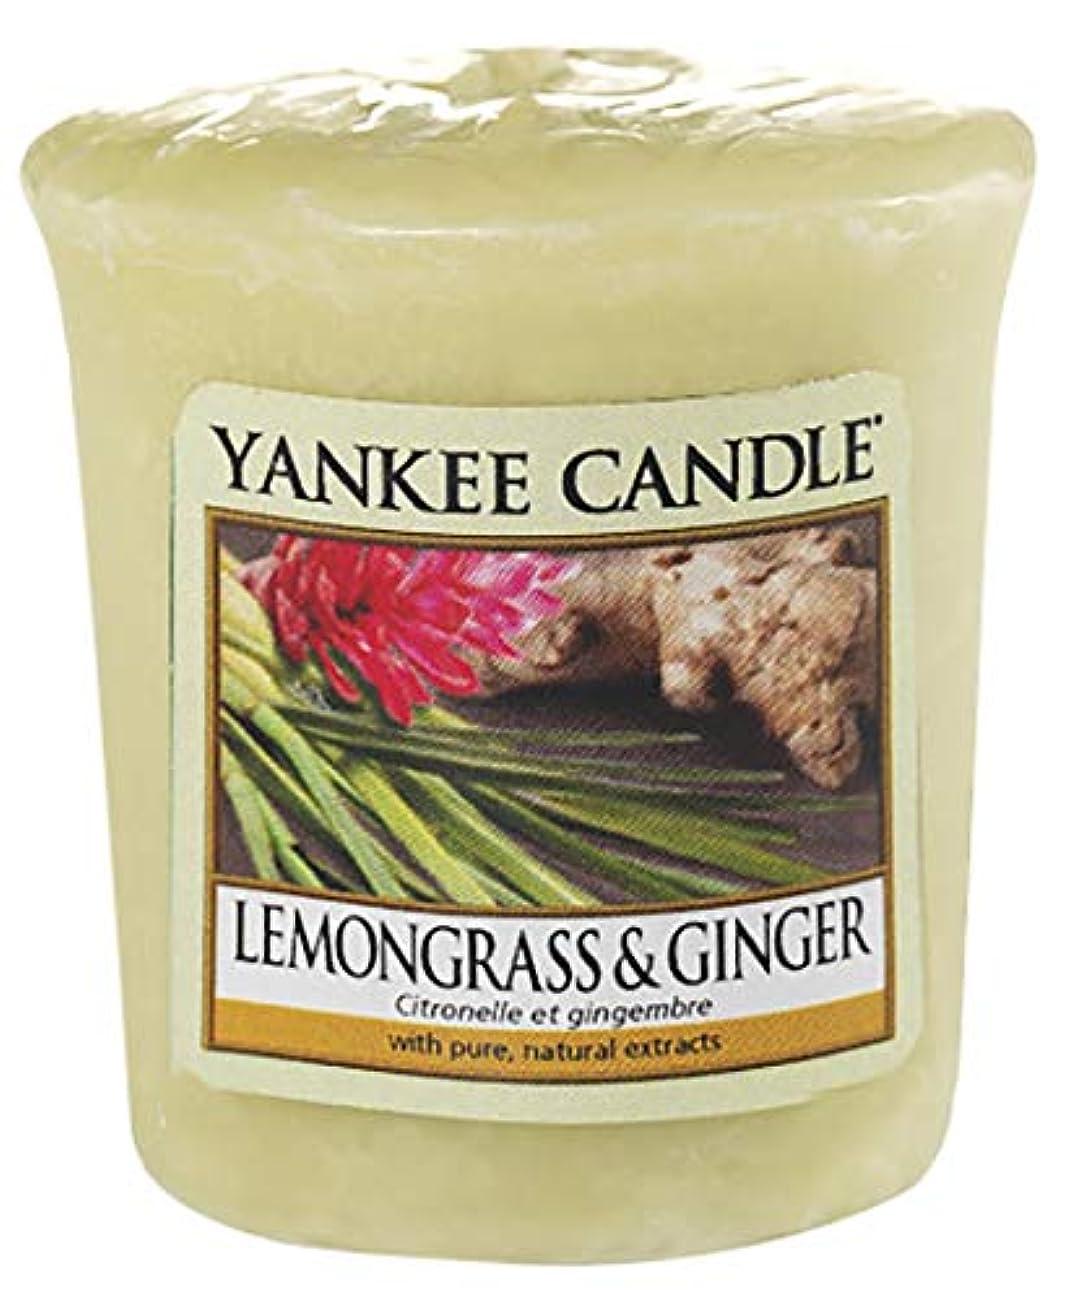 助けになるスプーン媒染剤ヤンキーキャンドル サンプラー レモングラス&ジンジャー